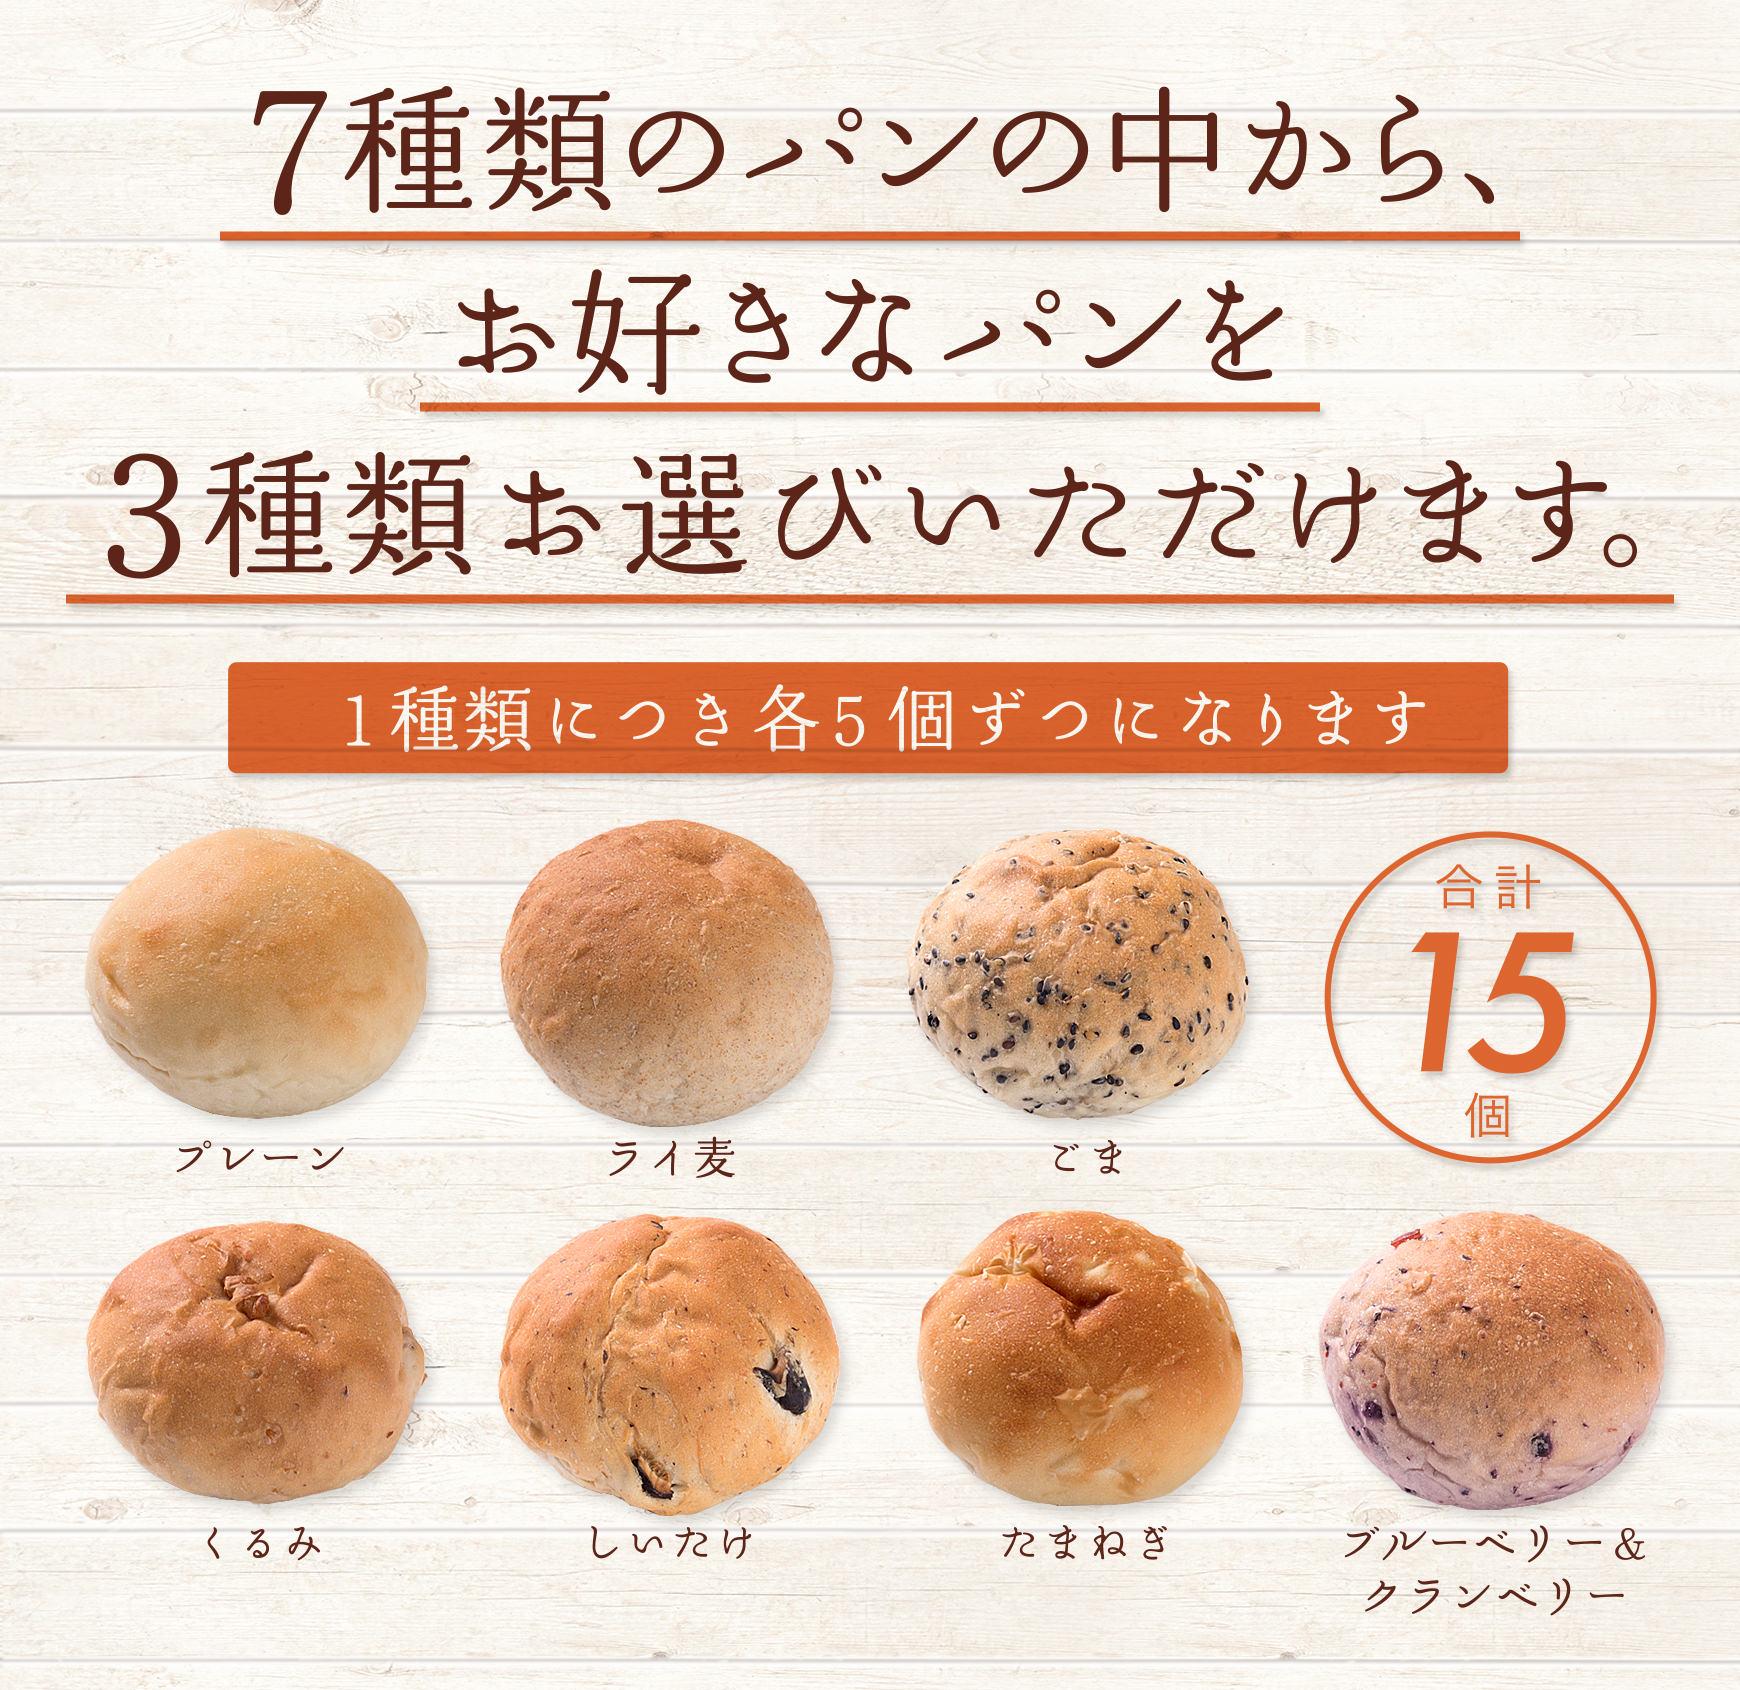 7種類のパンの中から、お好きなパンを3種類お選びいただけます。